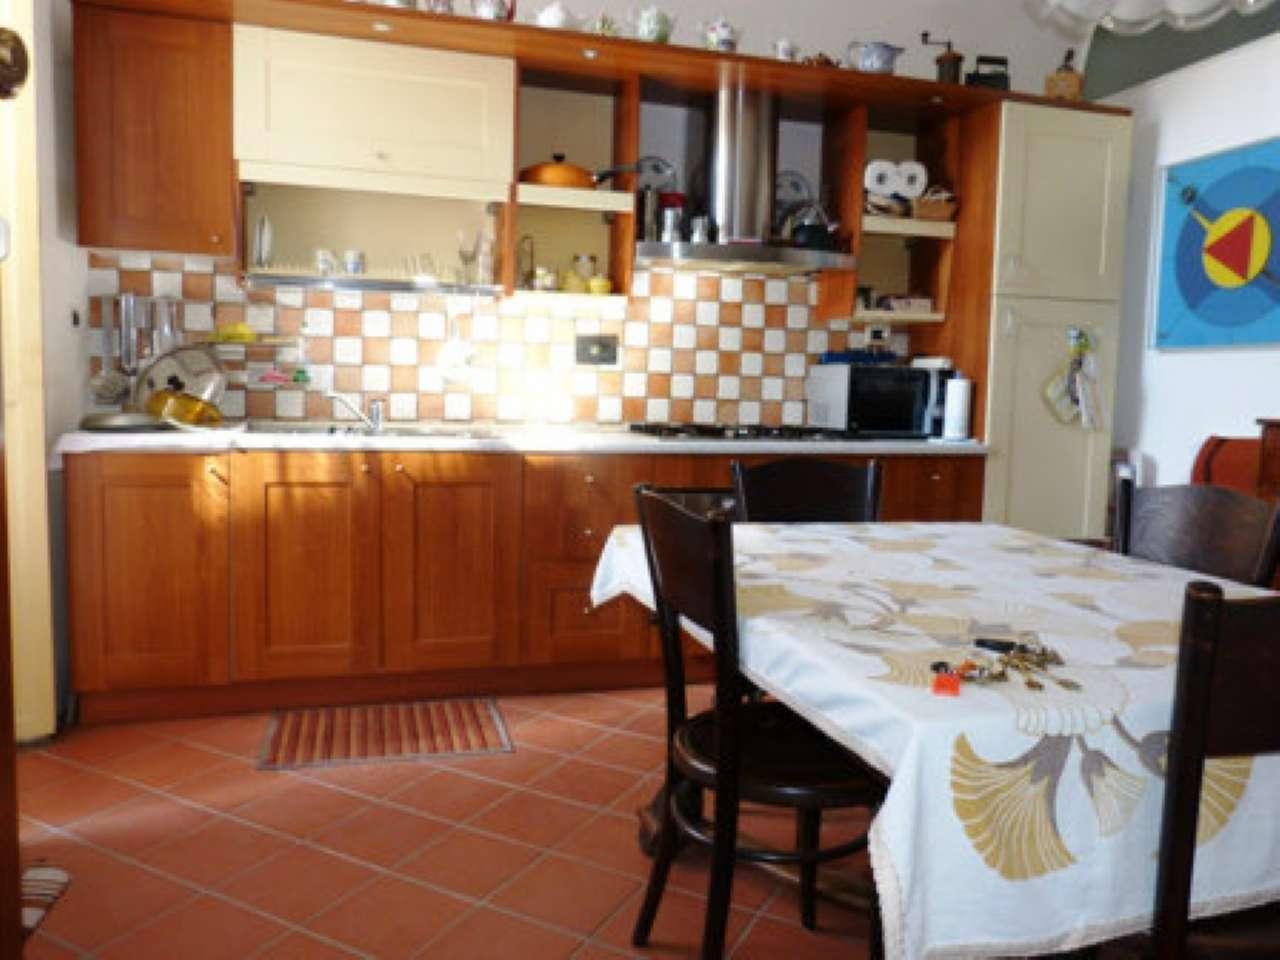 Appartamento in vendita a Fossano, 5 locali, prezzo € 340.000 | CambioCasa.it